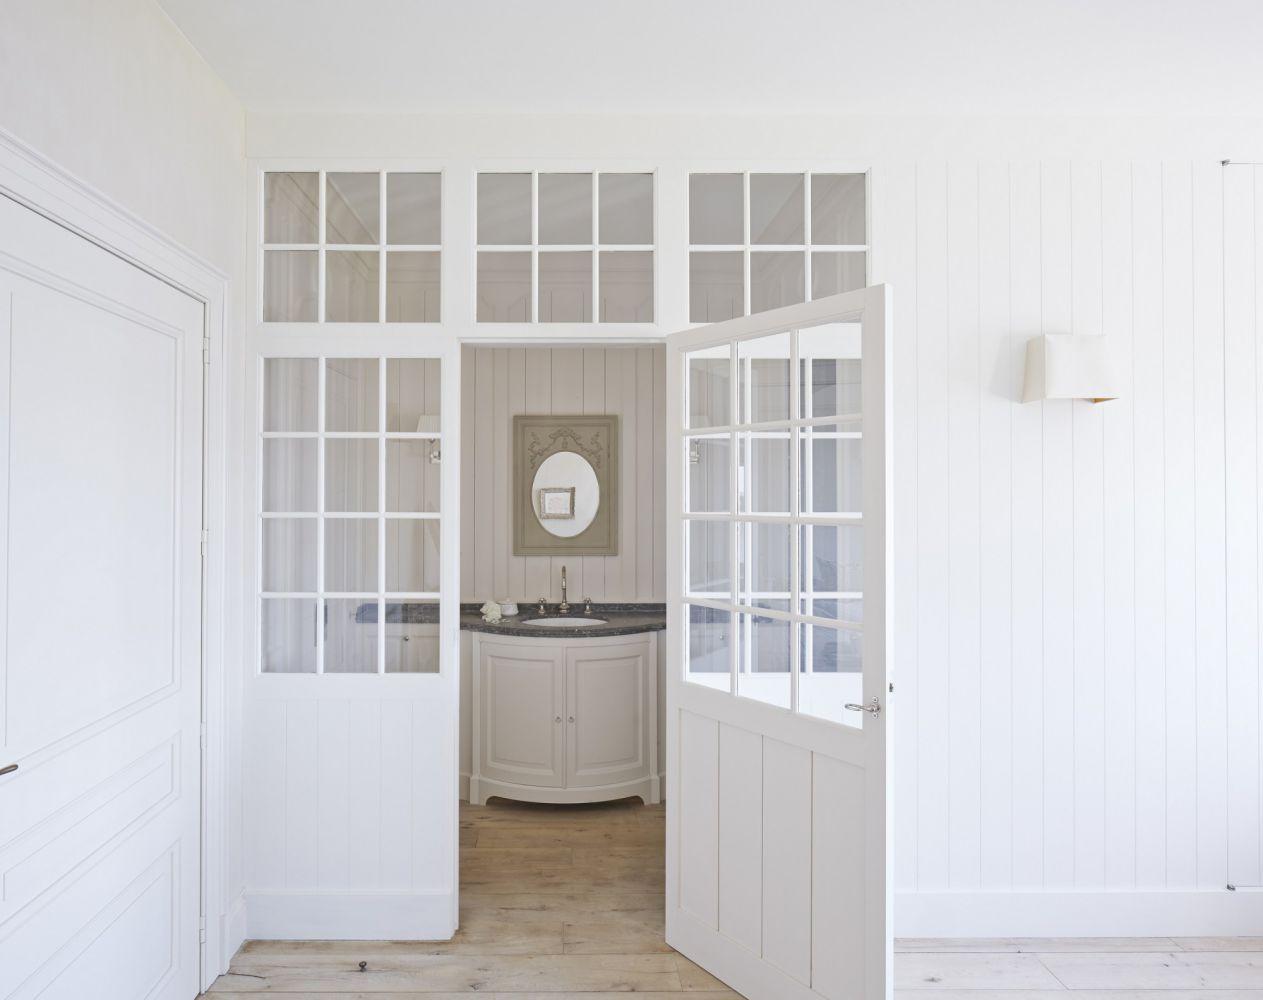 Klassiek Wit Interieur : Interieur villenbau exklusiver villenbau vlassak verhulst